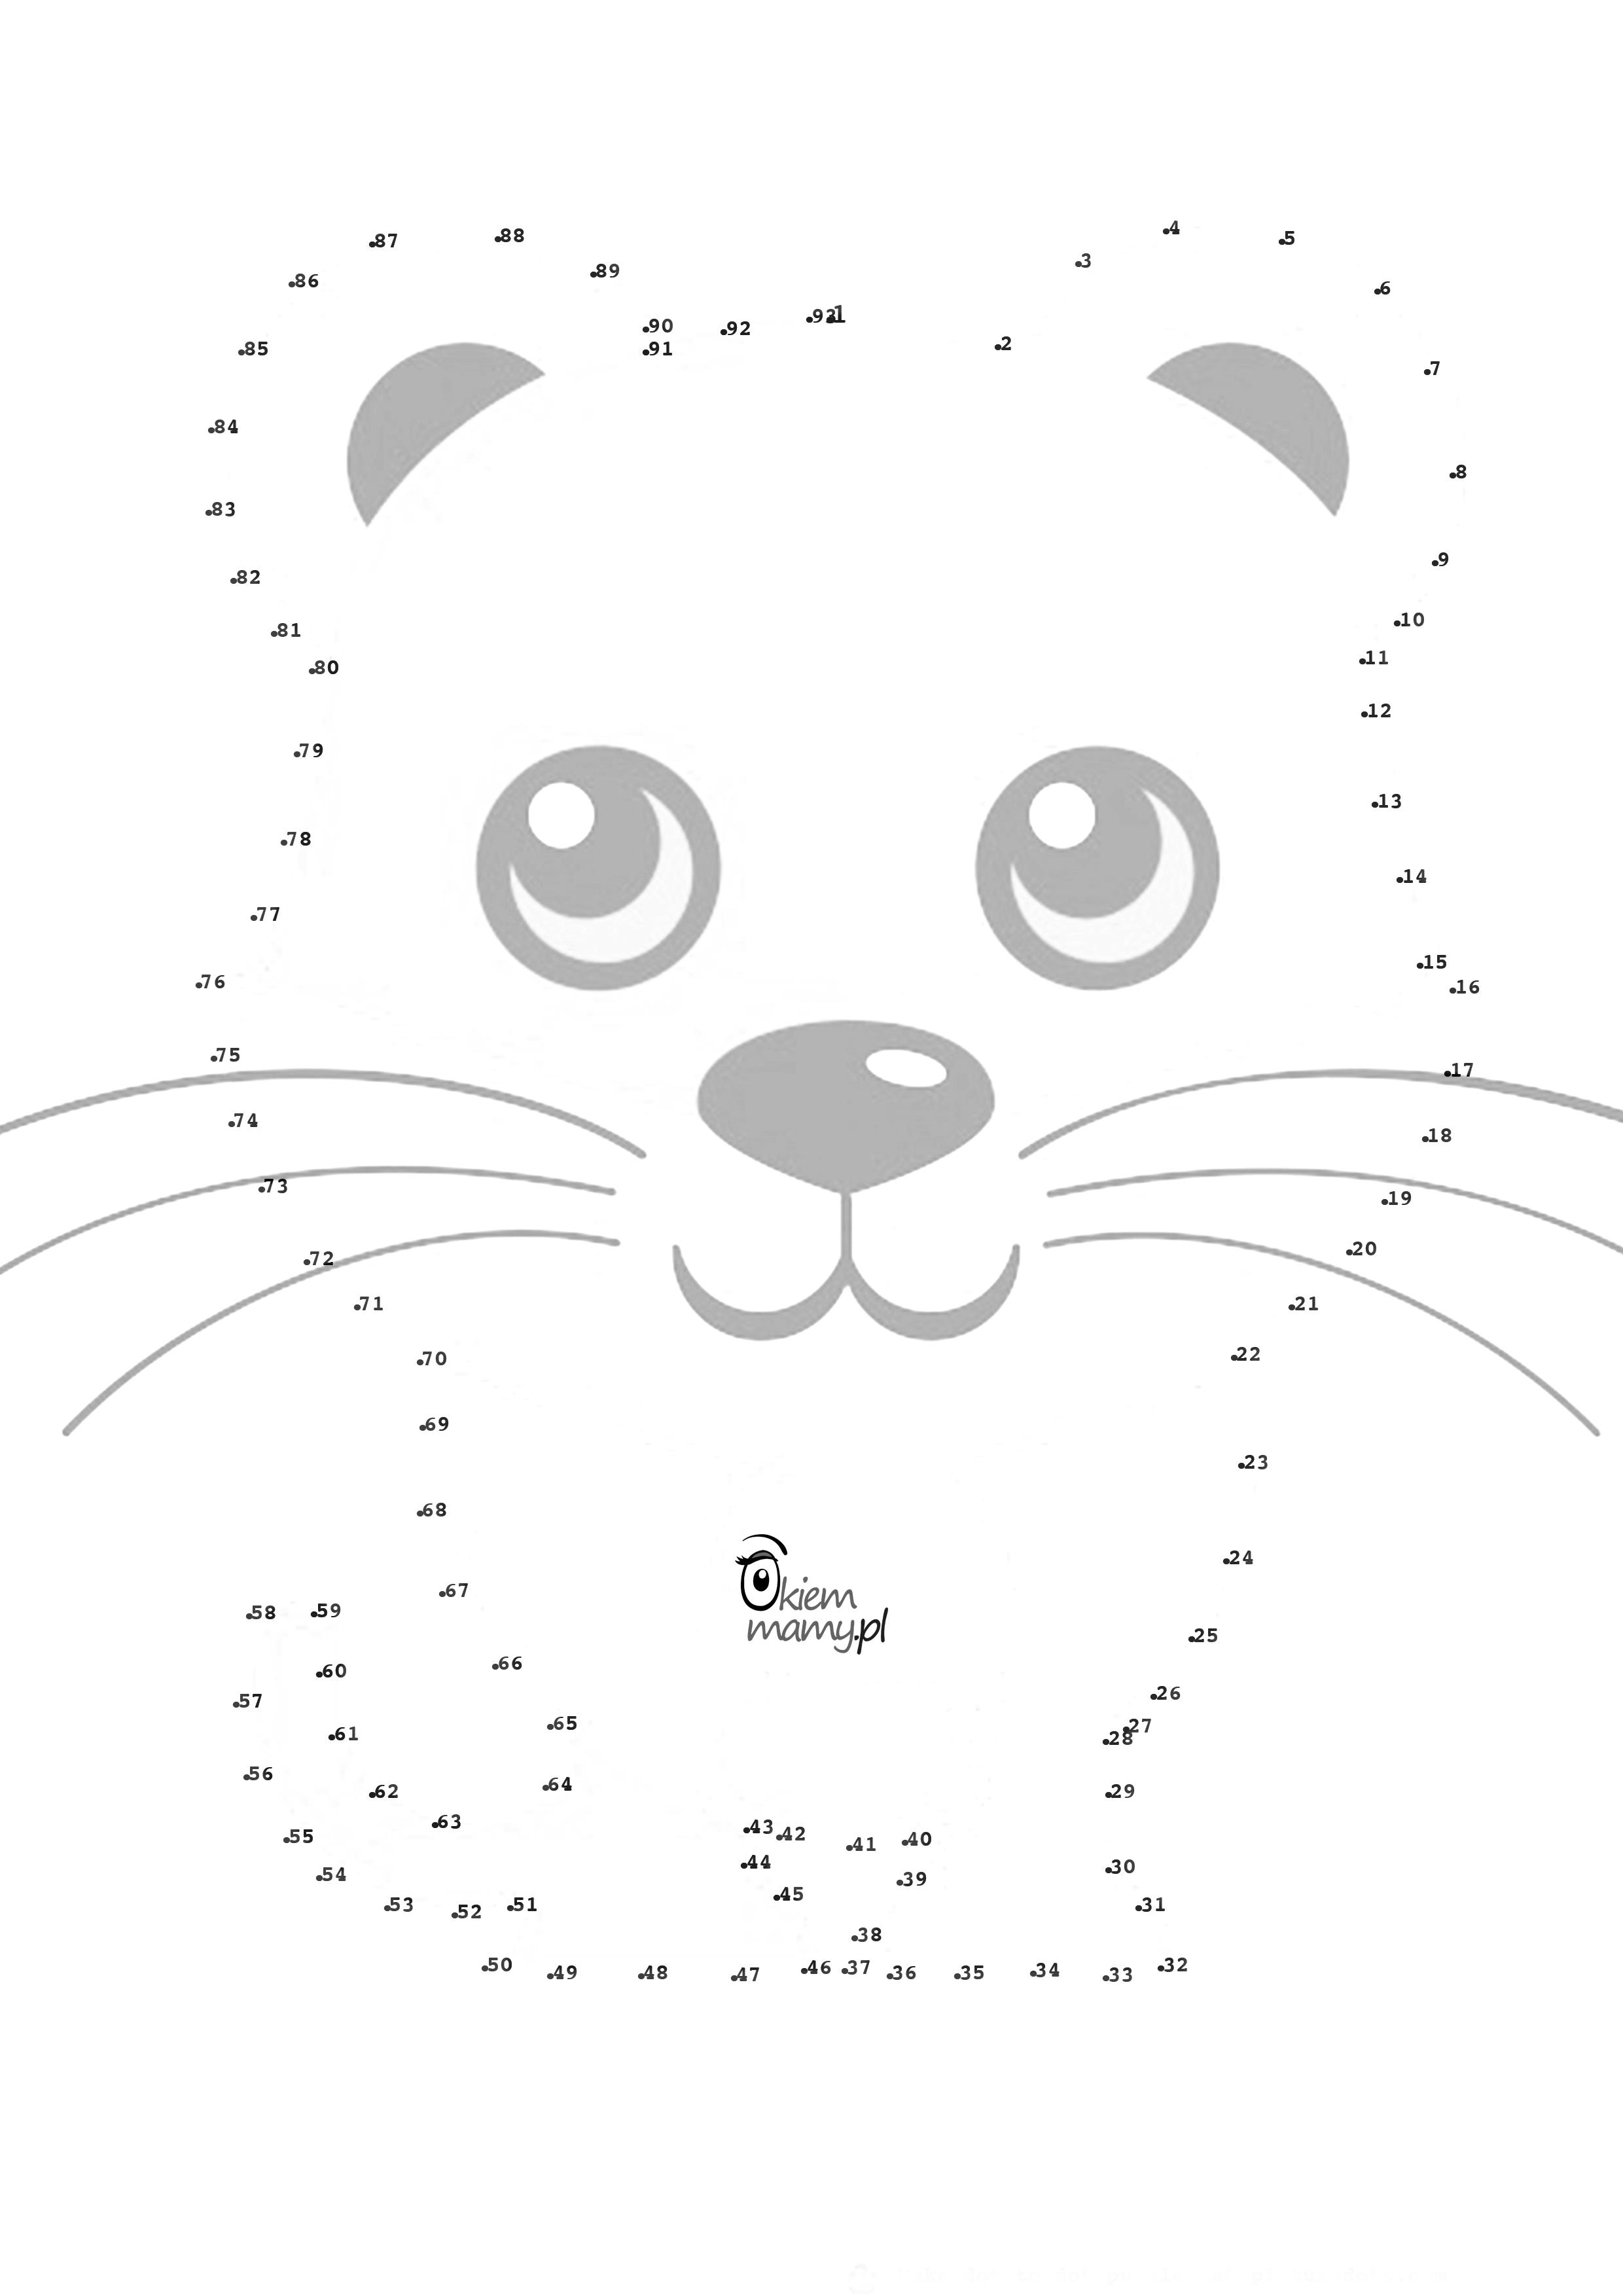 Polacz Kropki Do Druku Sciagnij Okiemmamy Pl Strona Dla Wszystkich Mam Ktore Chca Wiedziec Wiecej Na Naszej Stronie Znajdziesz Inspiracje Do Zabaw Co Ni Kitty Hello Kitty Snoopy